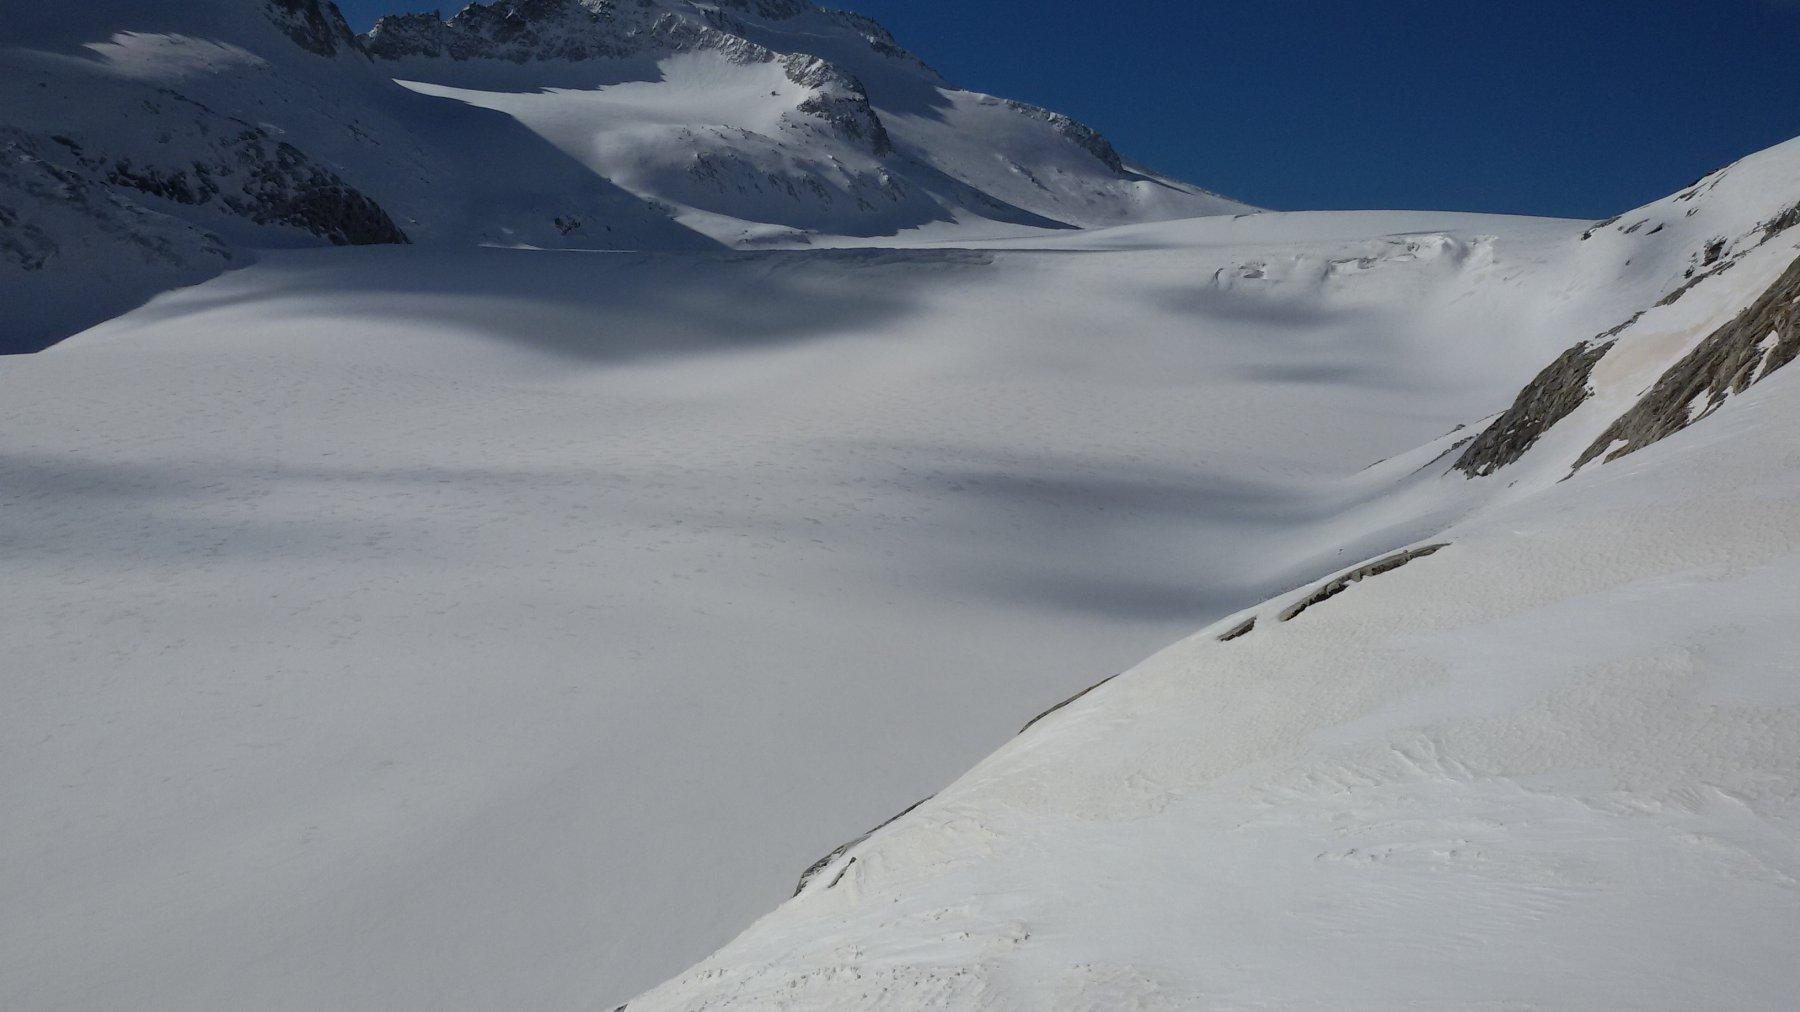 Ingresso sul ghiacciaio